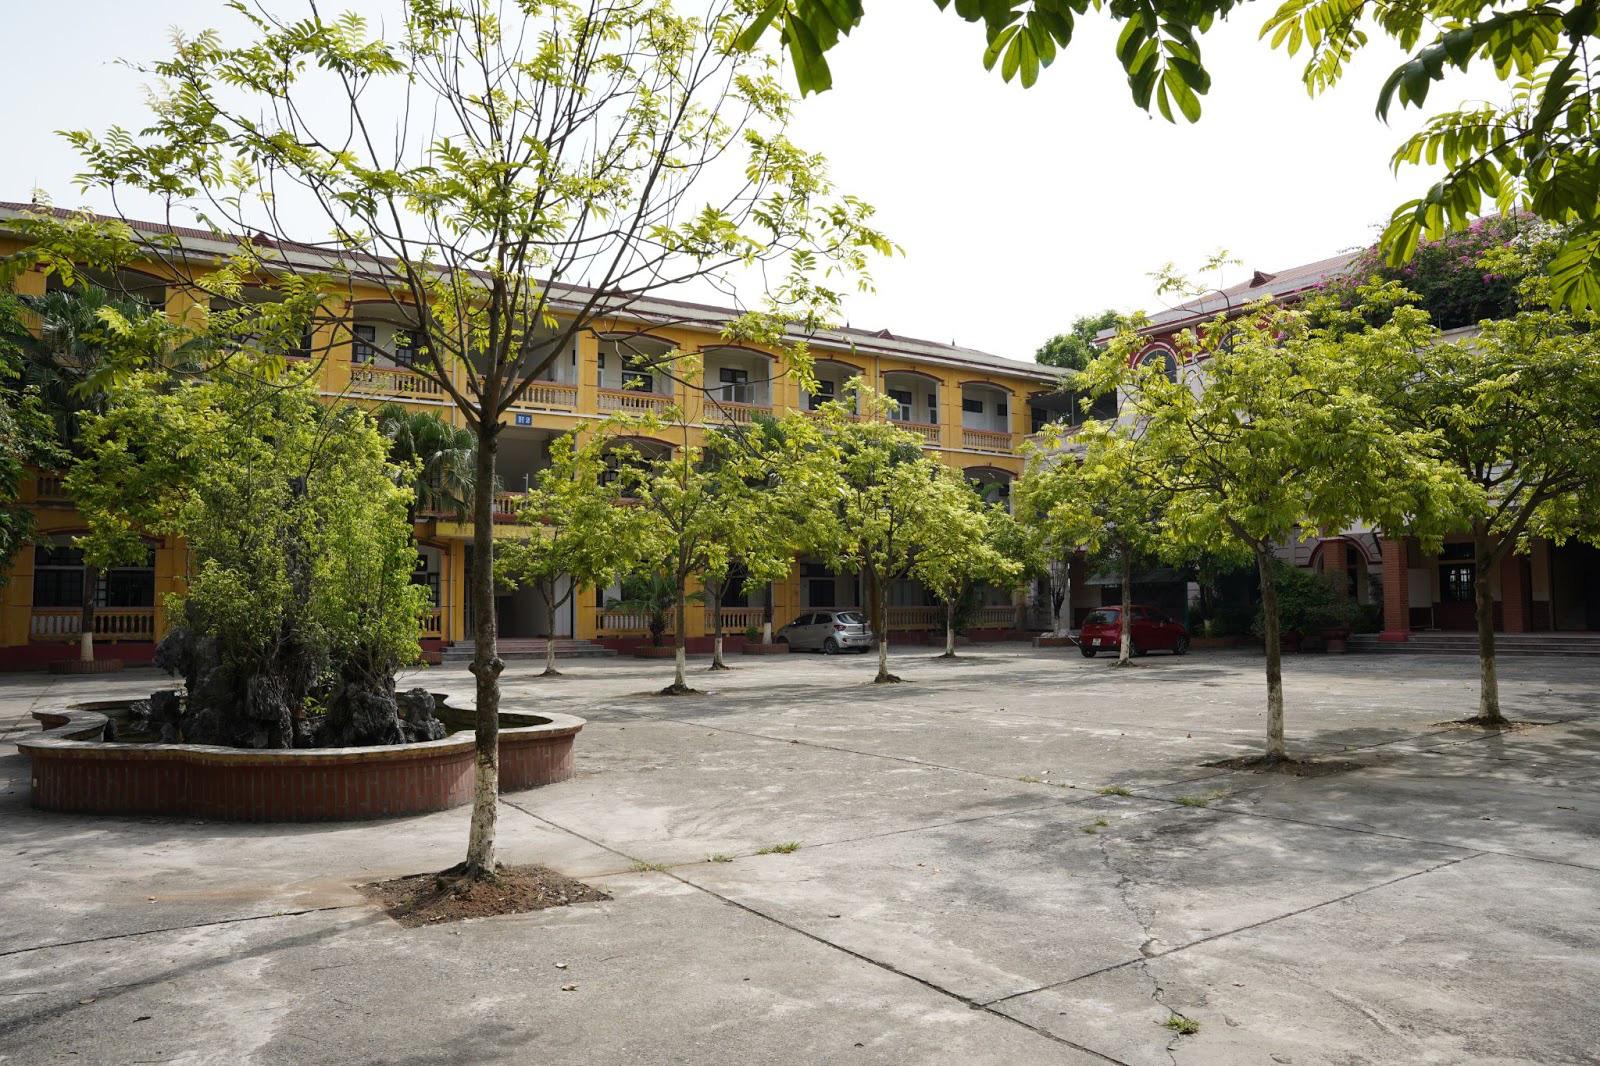 Diện mạo mới của ngôi trường 22 năm tuổi được đầu tư bởi Hệ thống giáo dục CEO Việt Nam High School - Ảnh 1.